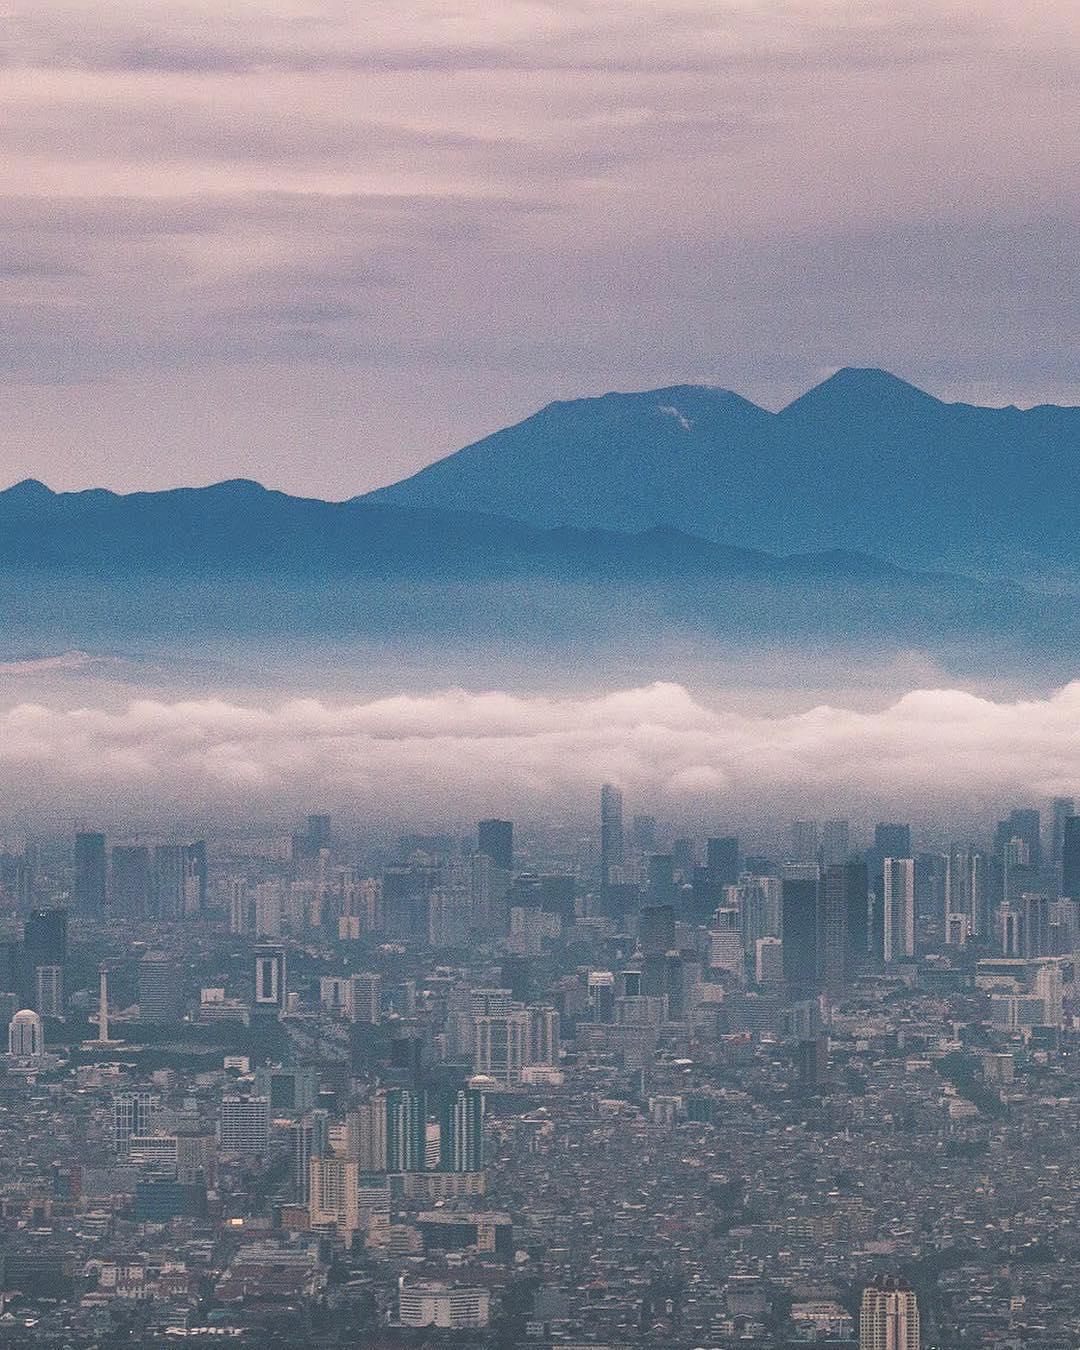 Panduan Tips Pergi Liburan Ke Taman Sari Jakarta via @explore_jakarta